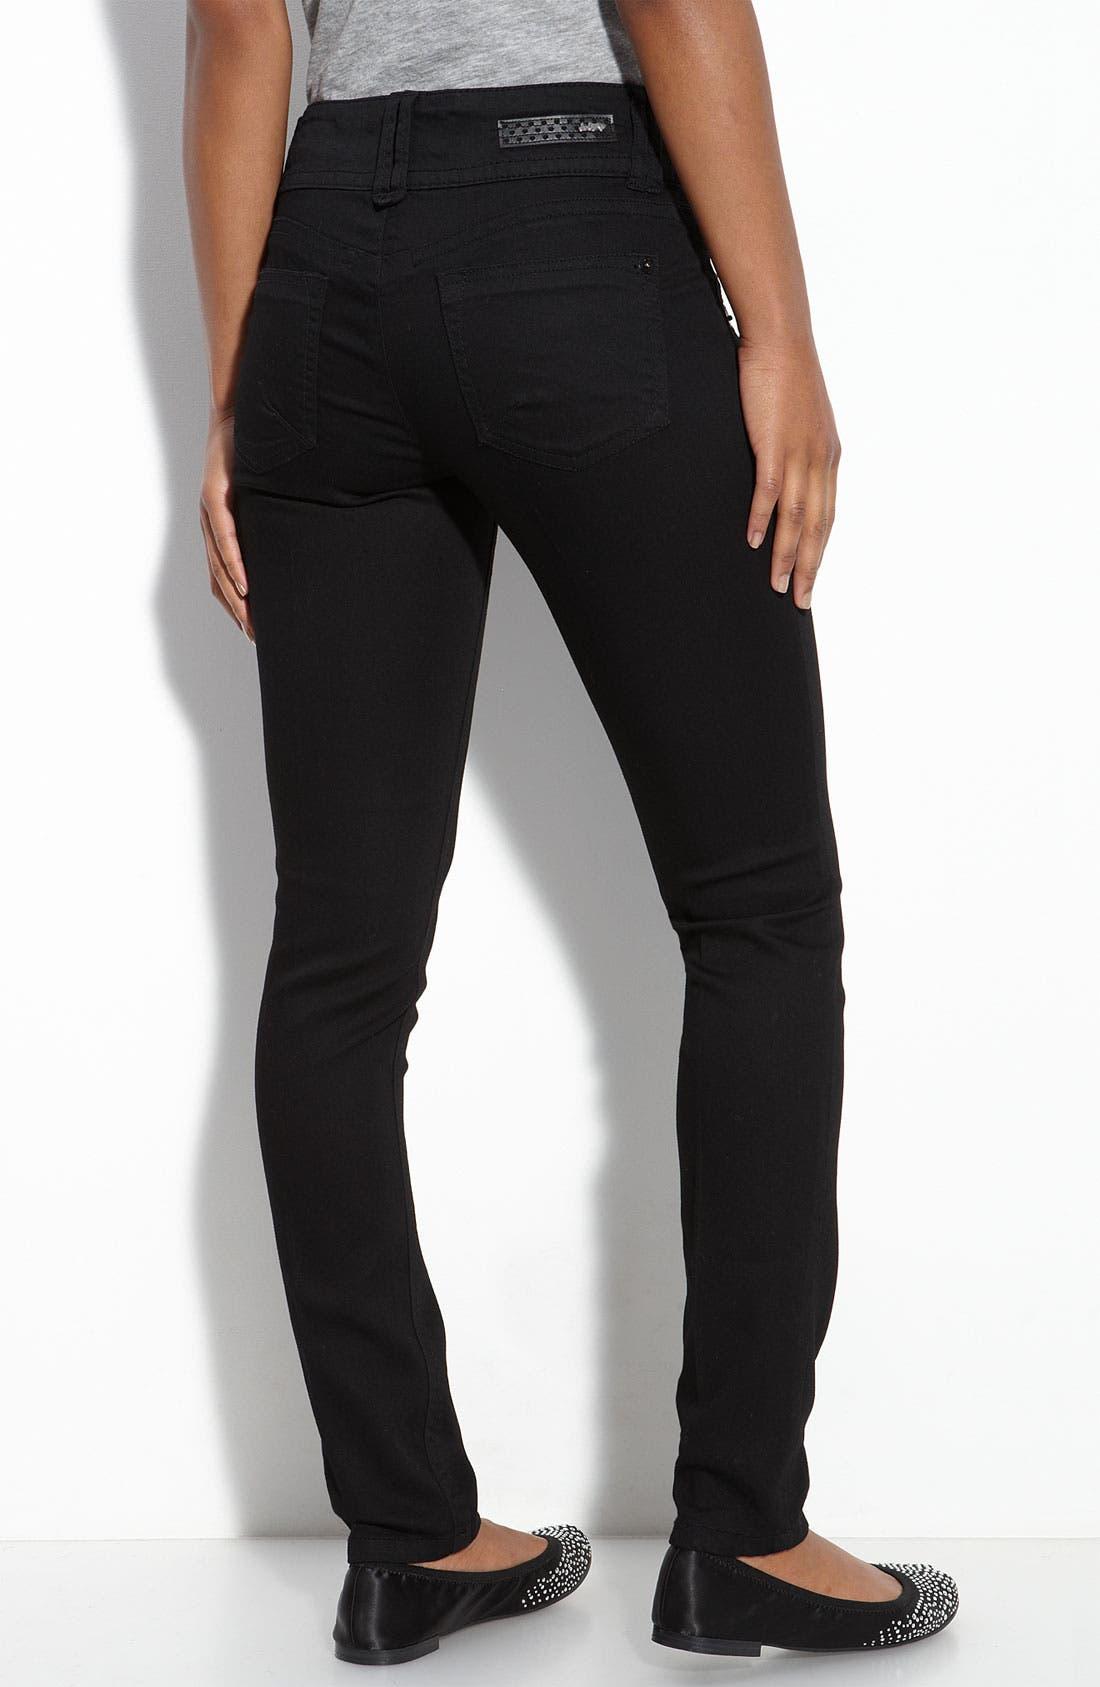 Main Image - Jolt Double Button Skinny Denim Pants (Black Wash) (Juniors)